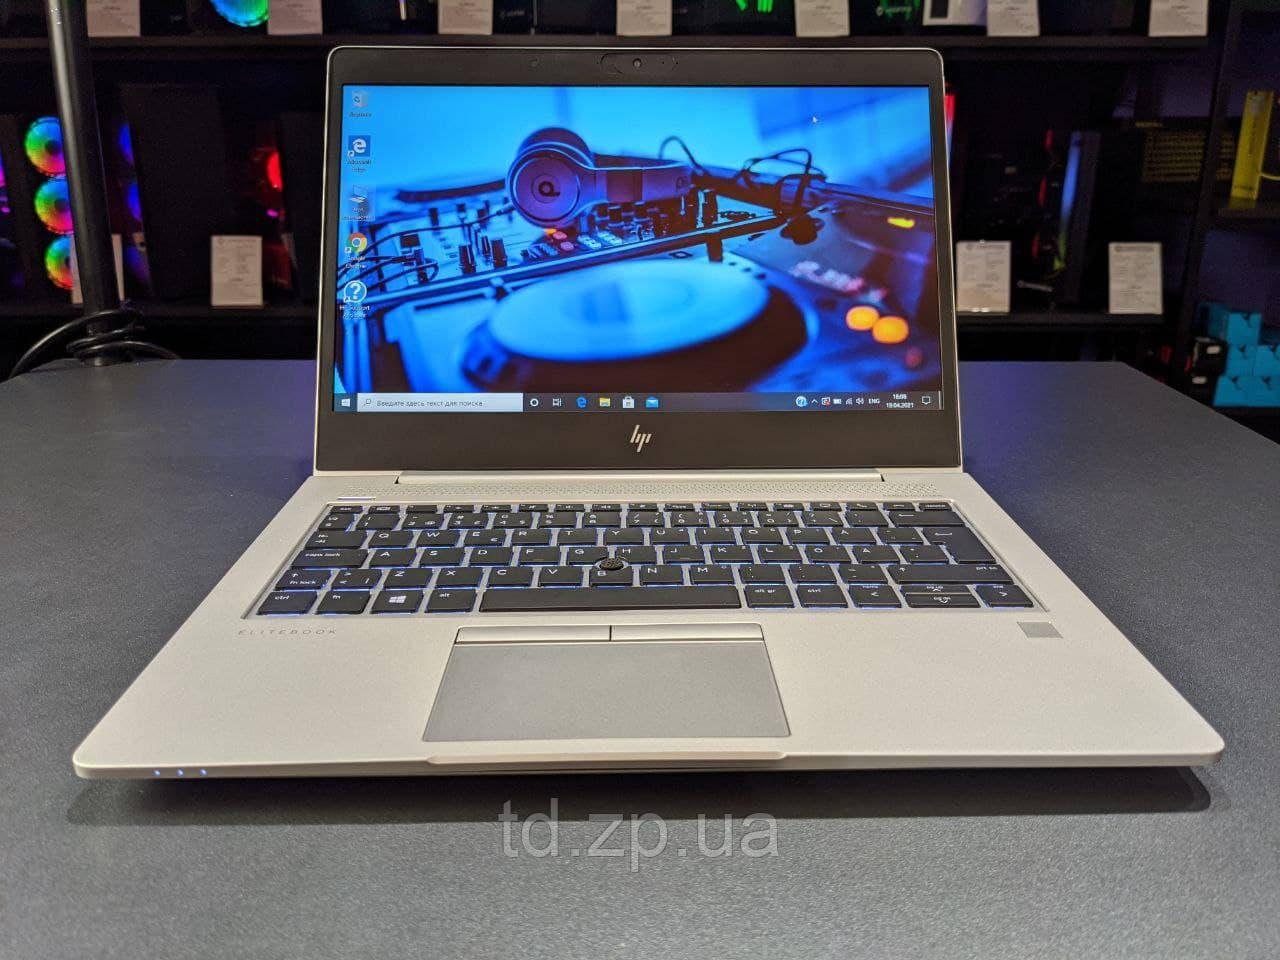 """Ноутбук HP EliteBook 735 G6 14.1"""" AMD Ryzen 7 Pro 3700U/16Gb DDR4/512Gb SSD"""